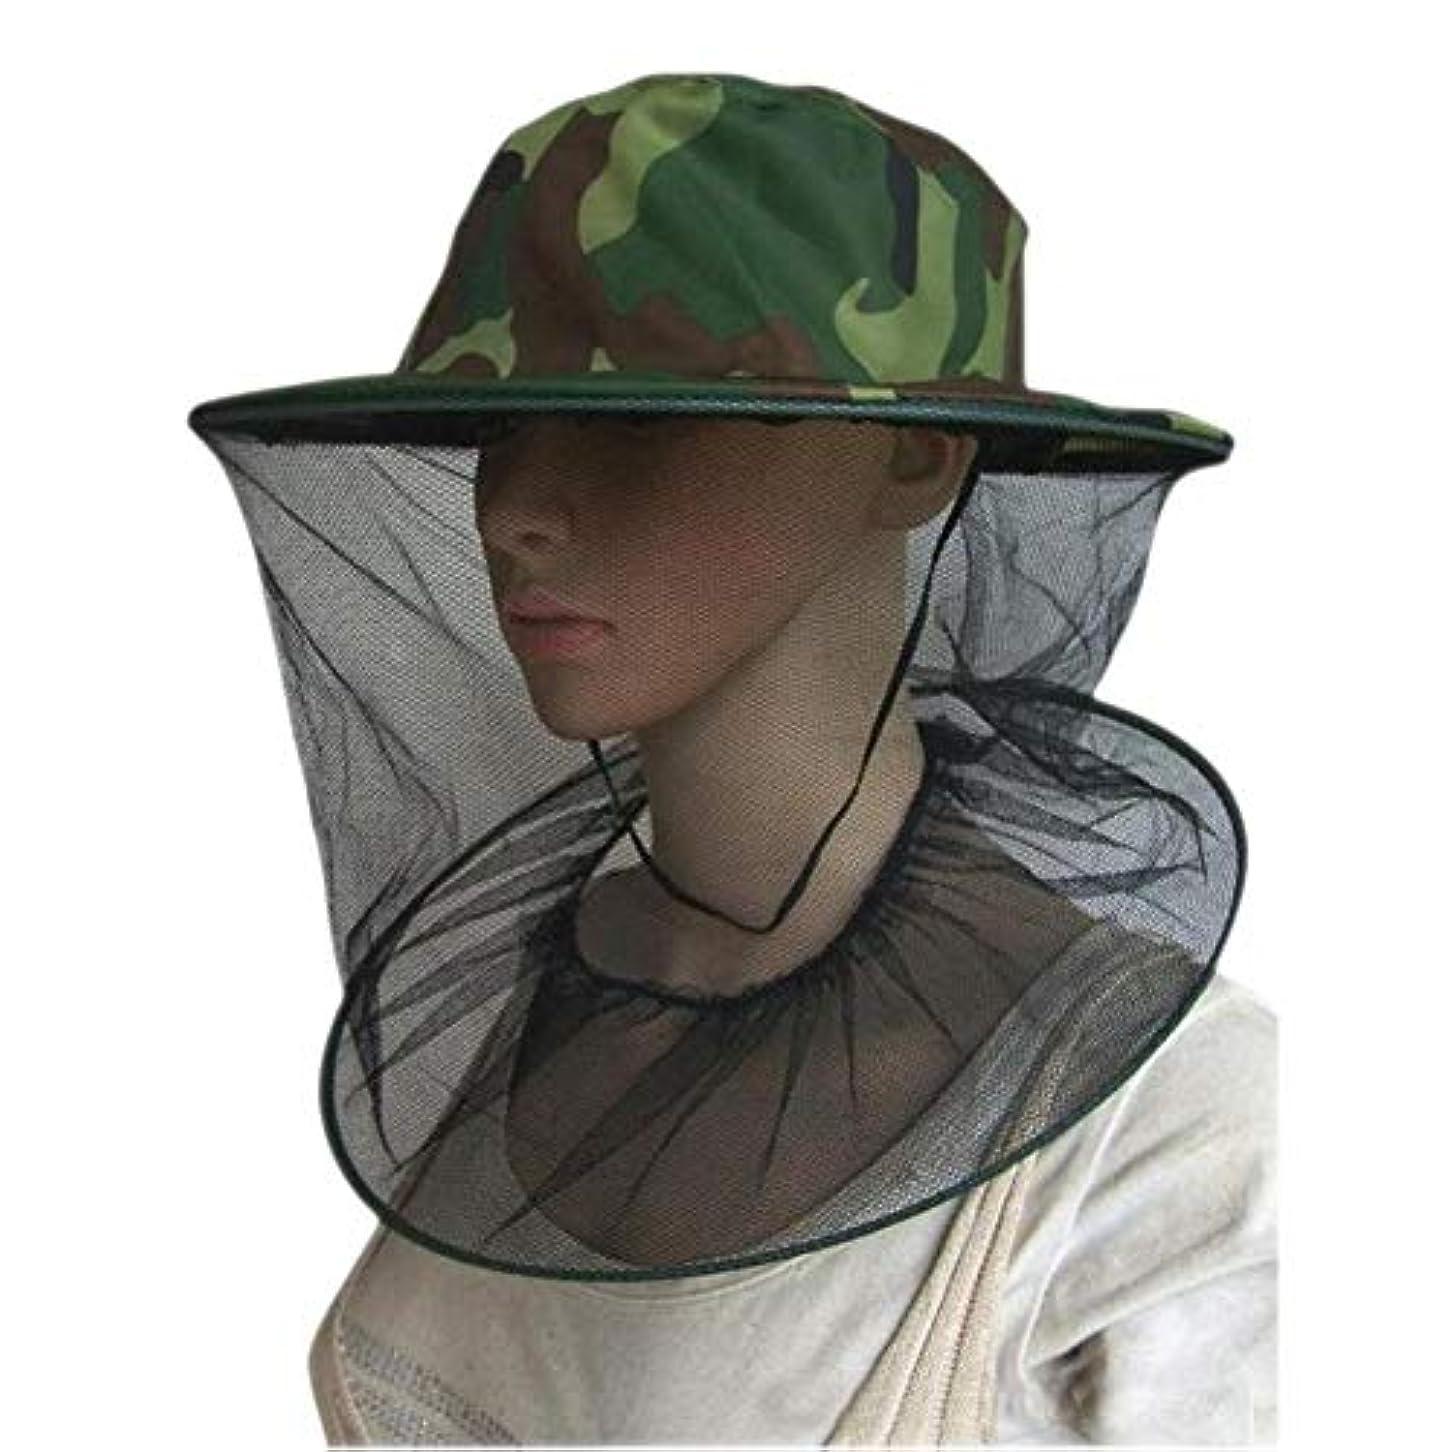 有名雇用者速記Nifera サンキャップ 蚊除け メッシュネット 保護マスク キャップ 迷彩 フェイス 首 虫除け 帽子 アウトドア 釣り ガーデニング キャンプ ハイキング 養蜂